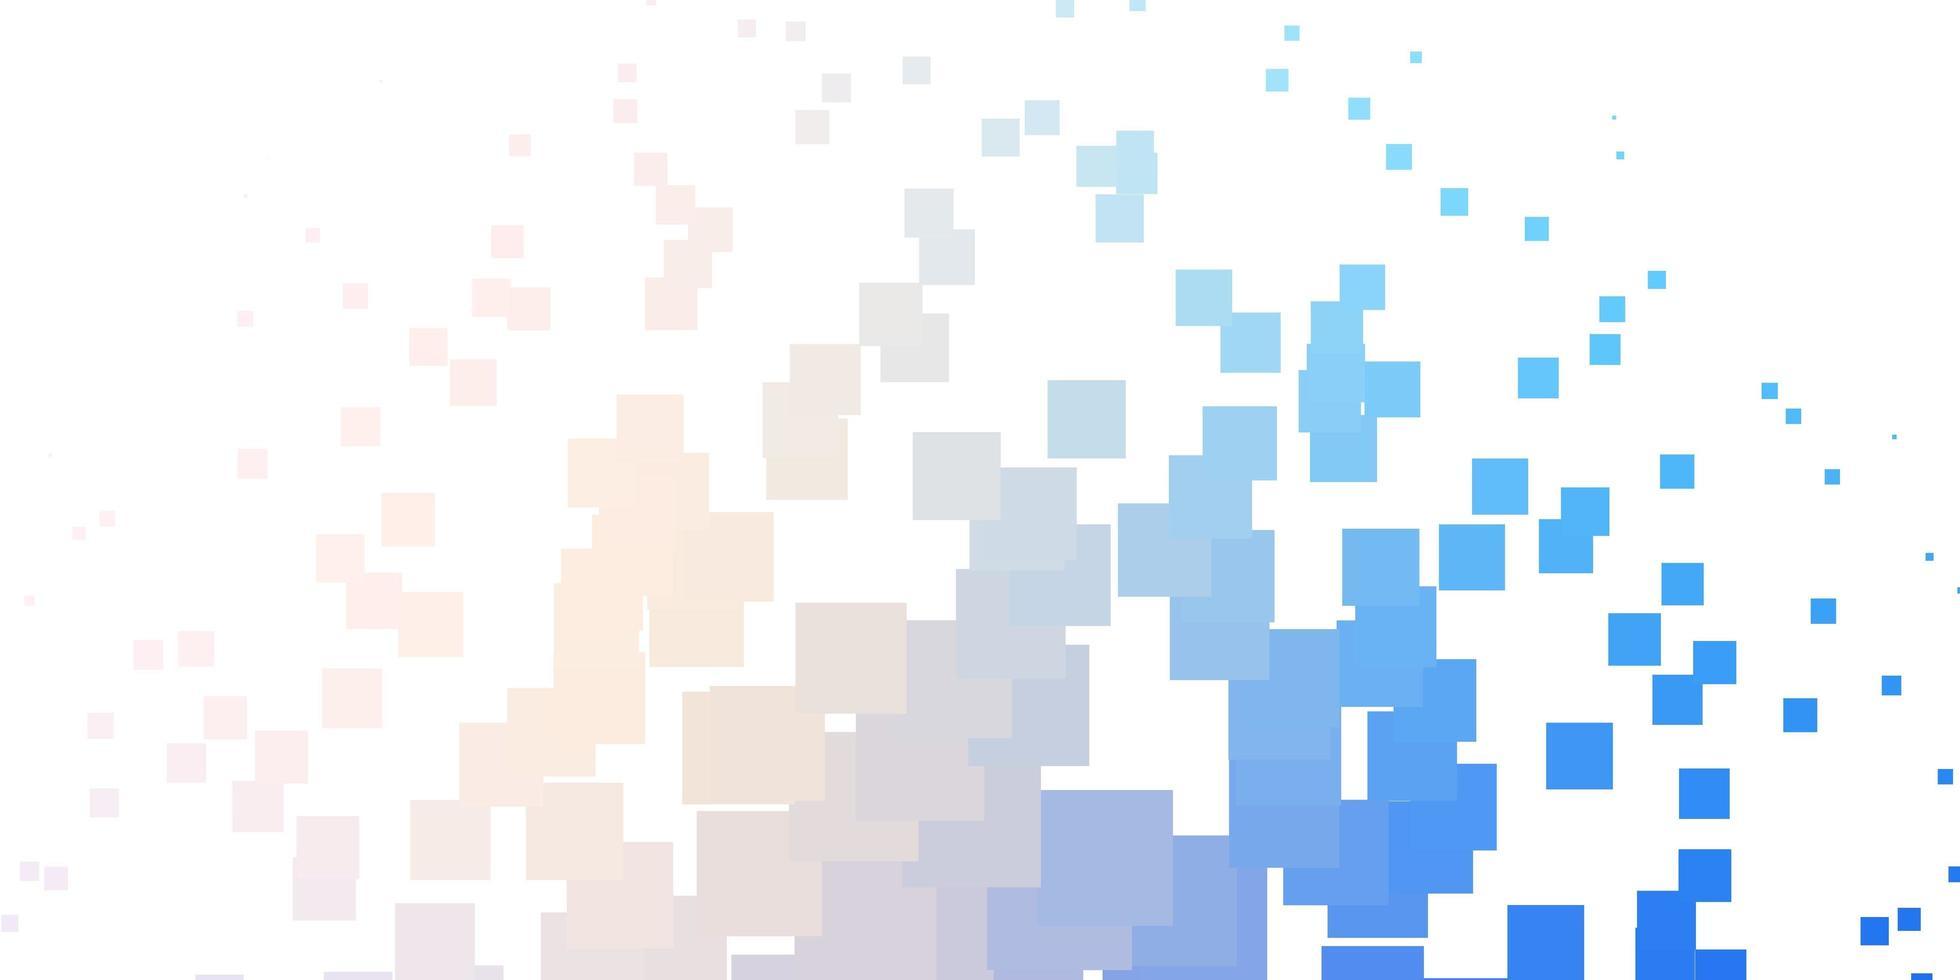 layout de vetor rosa claro, azul com linhas, retângulos.